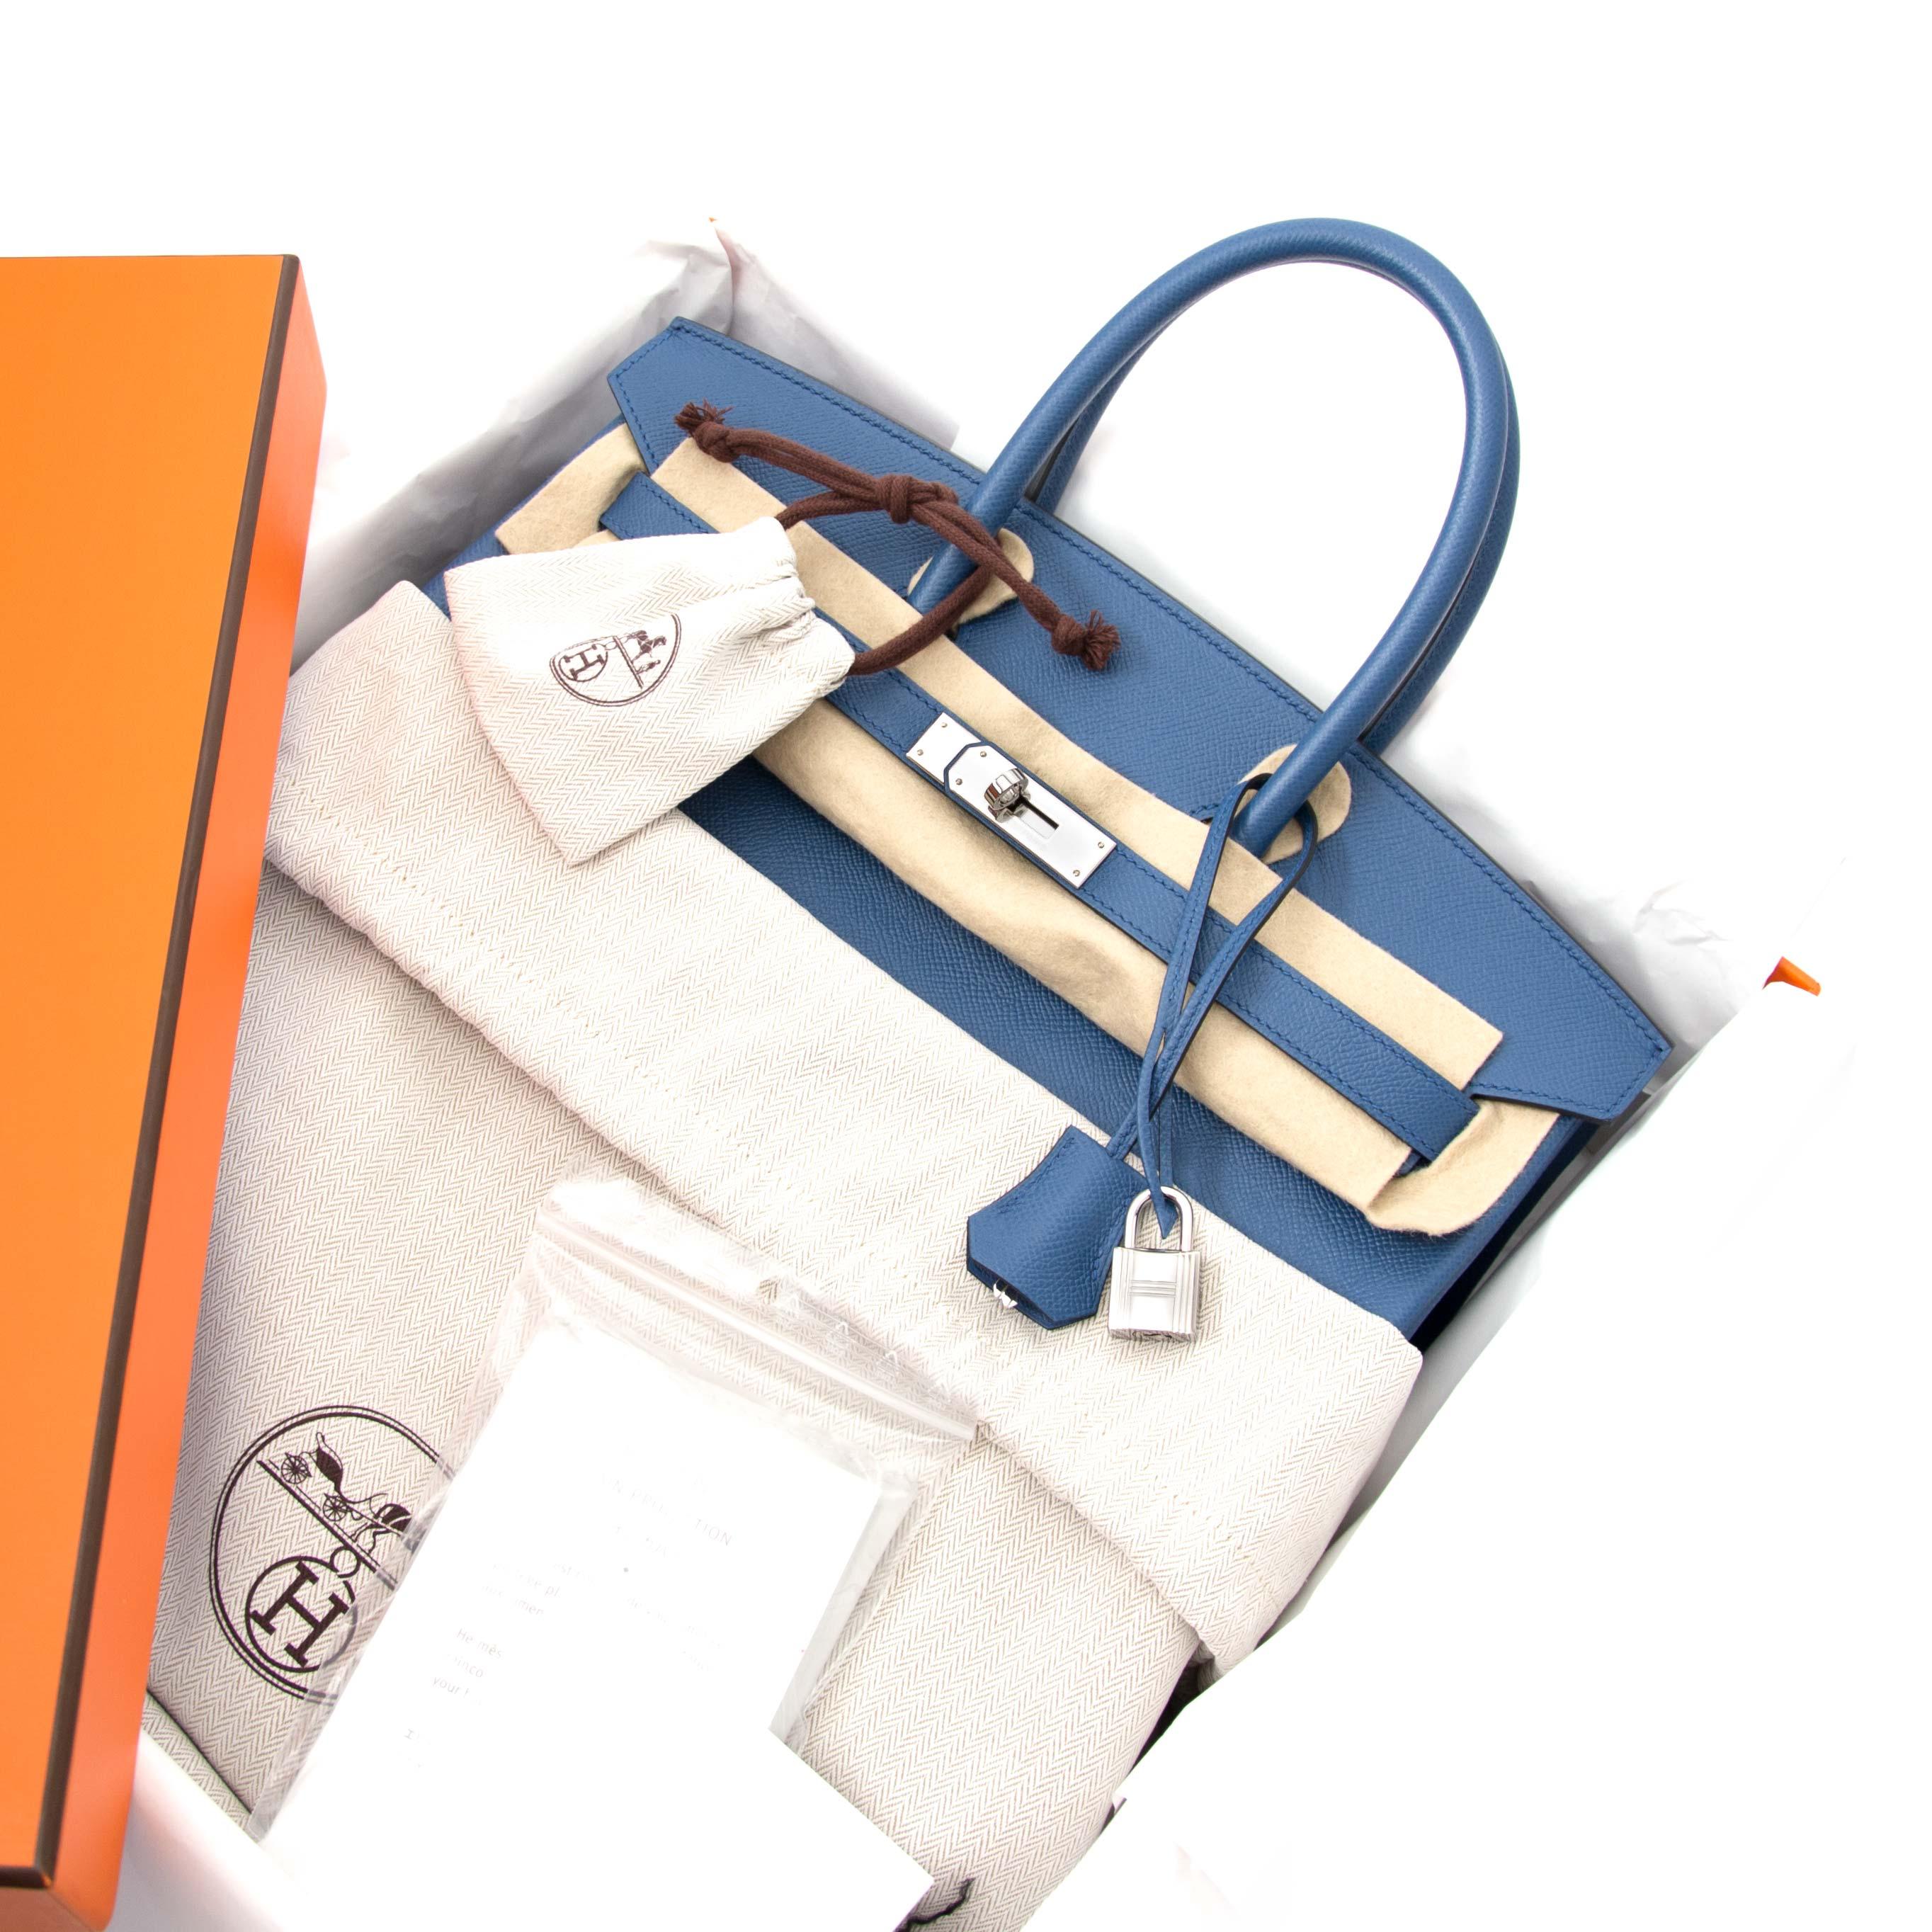 koop uw hermes birkin bag nu bij labellov.com, zonder wachtlijst en 100% authentiek